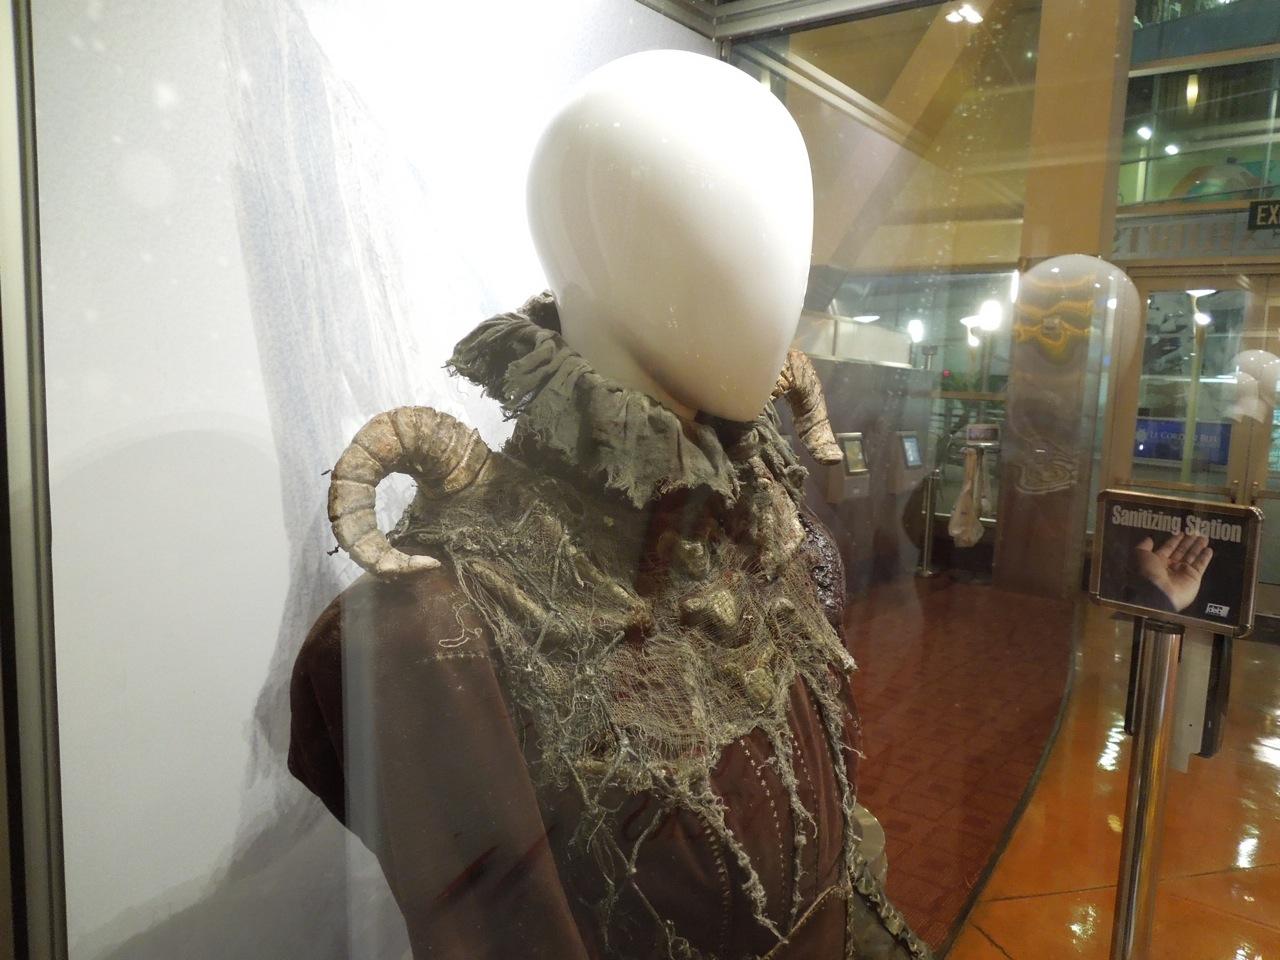 http://2.bp.blogspot.com/-emLEviOL4ng/UQhSIynHA8I/AAAAAAAA_2o/YSmN762dbyg/s1600/witch+costume+Hansel+Gretel.jpg